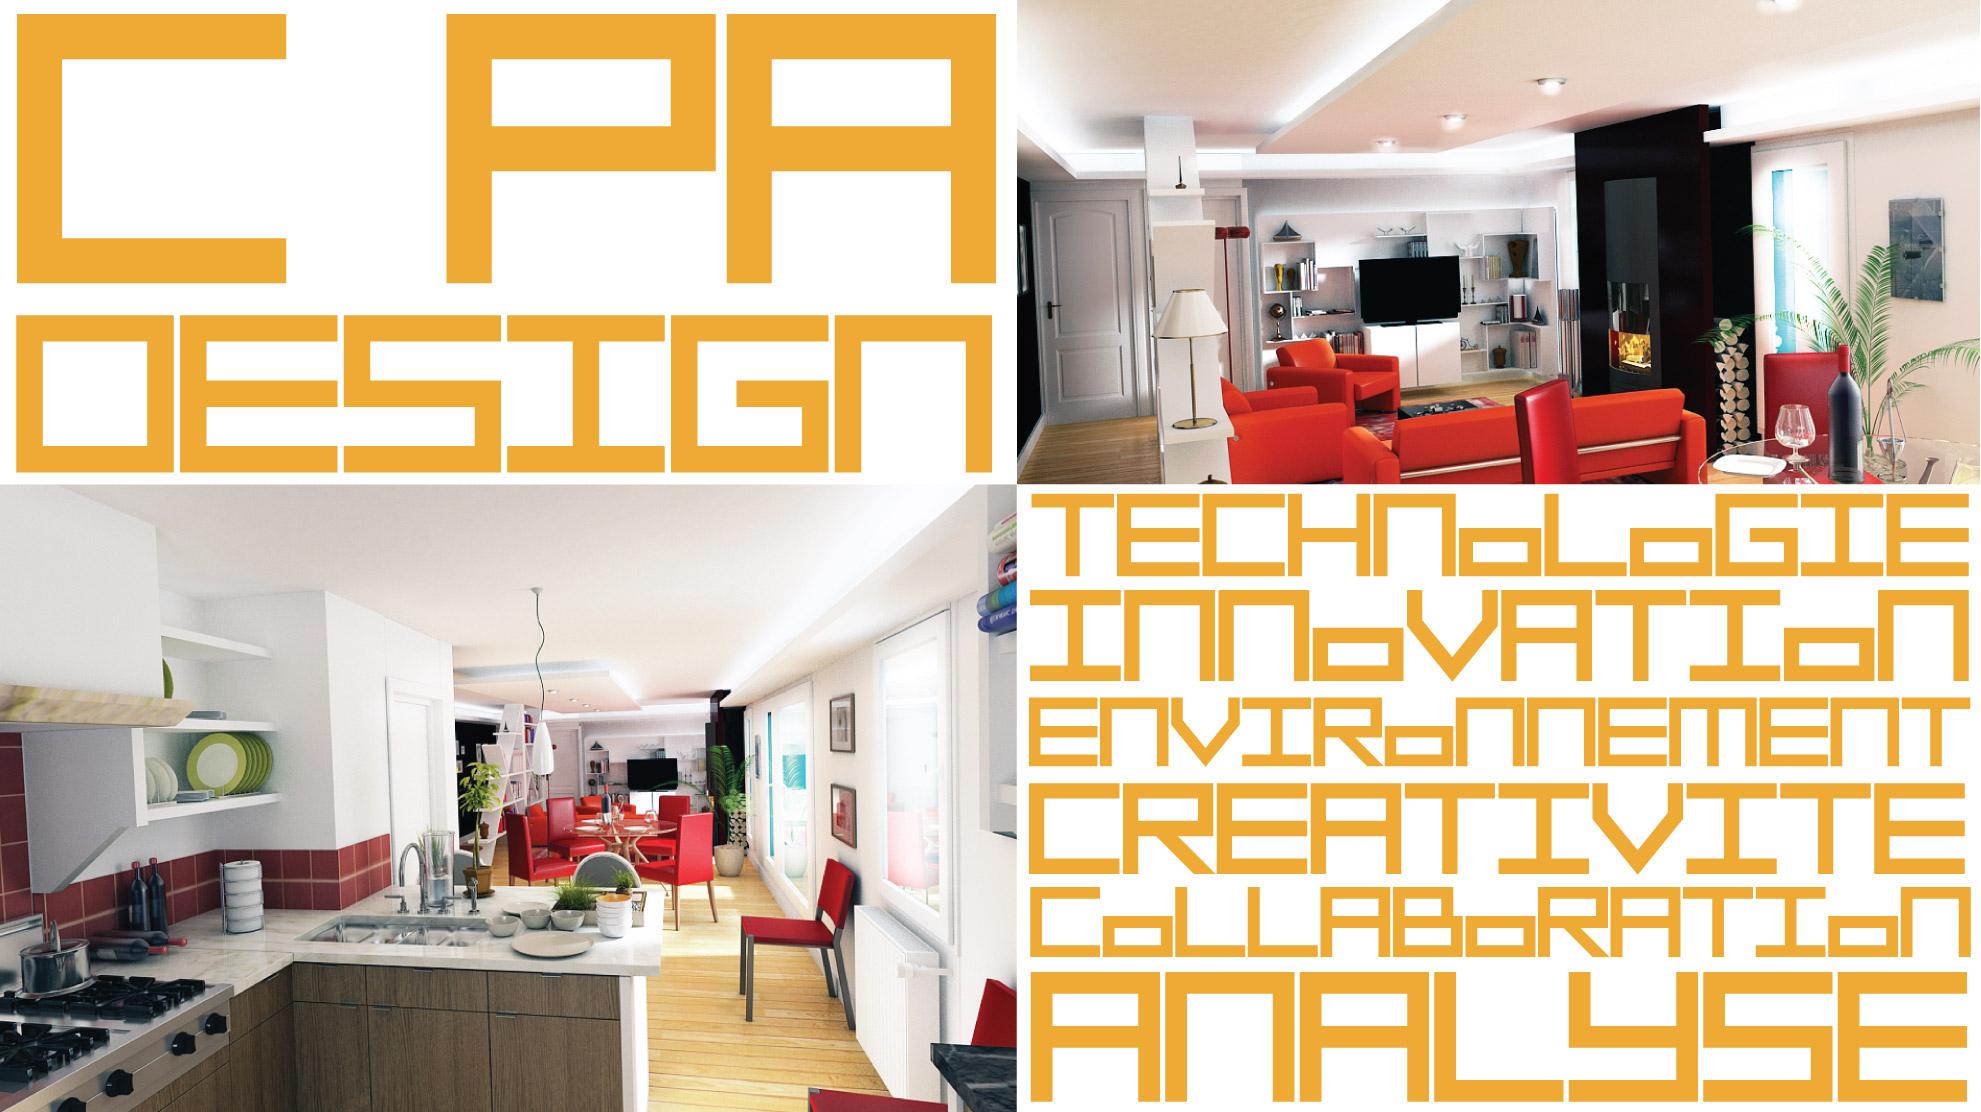 c_pa_design_produit_design_mobilier_3d_image_architecture-interieure (1)